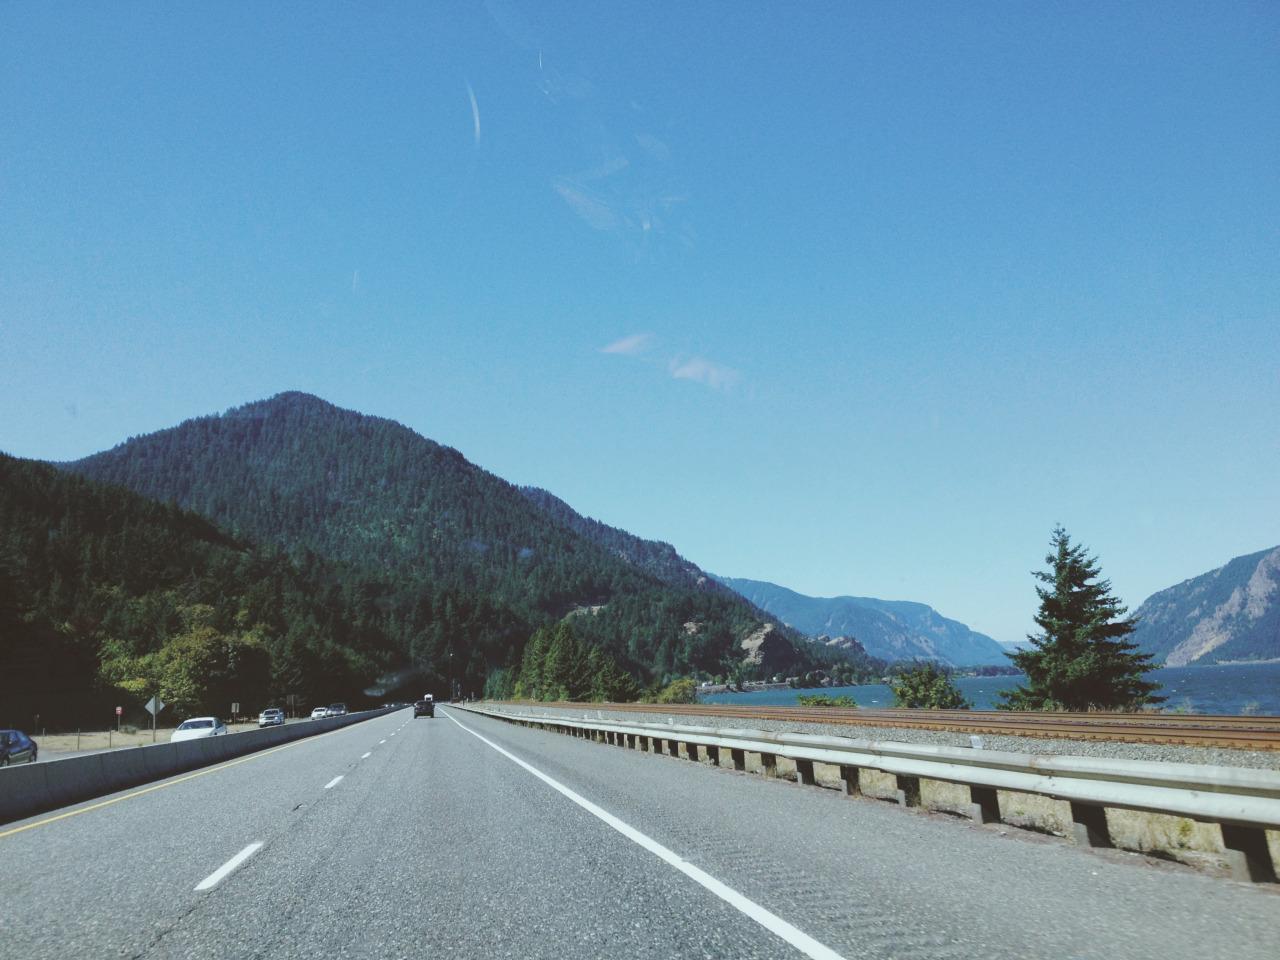 En route back to Portland